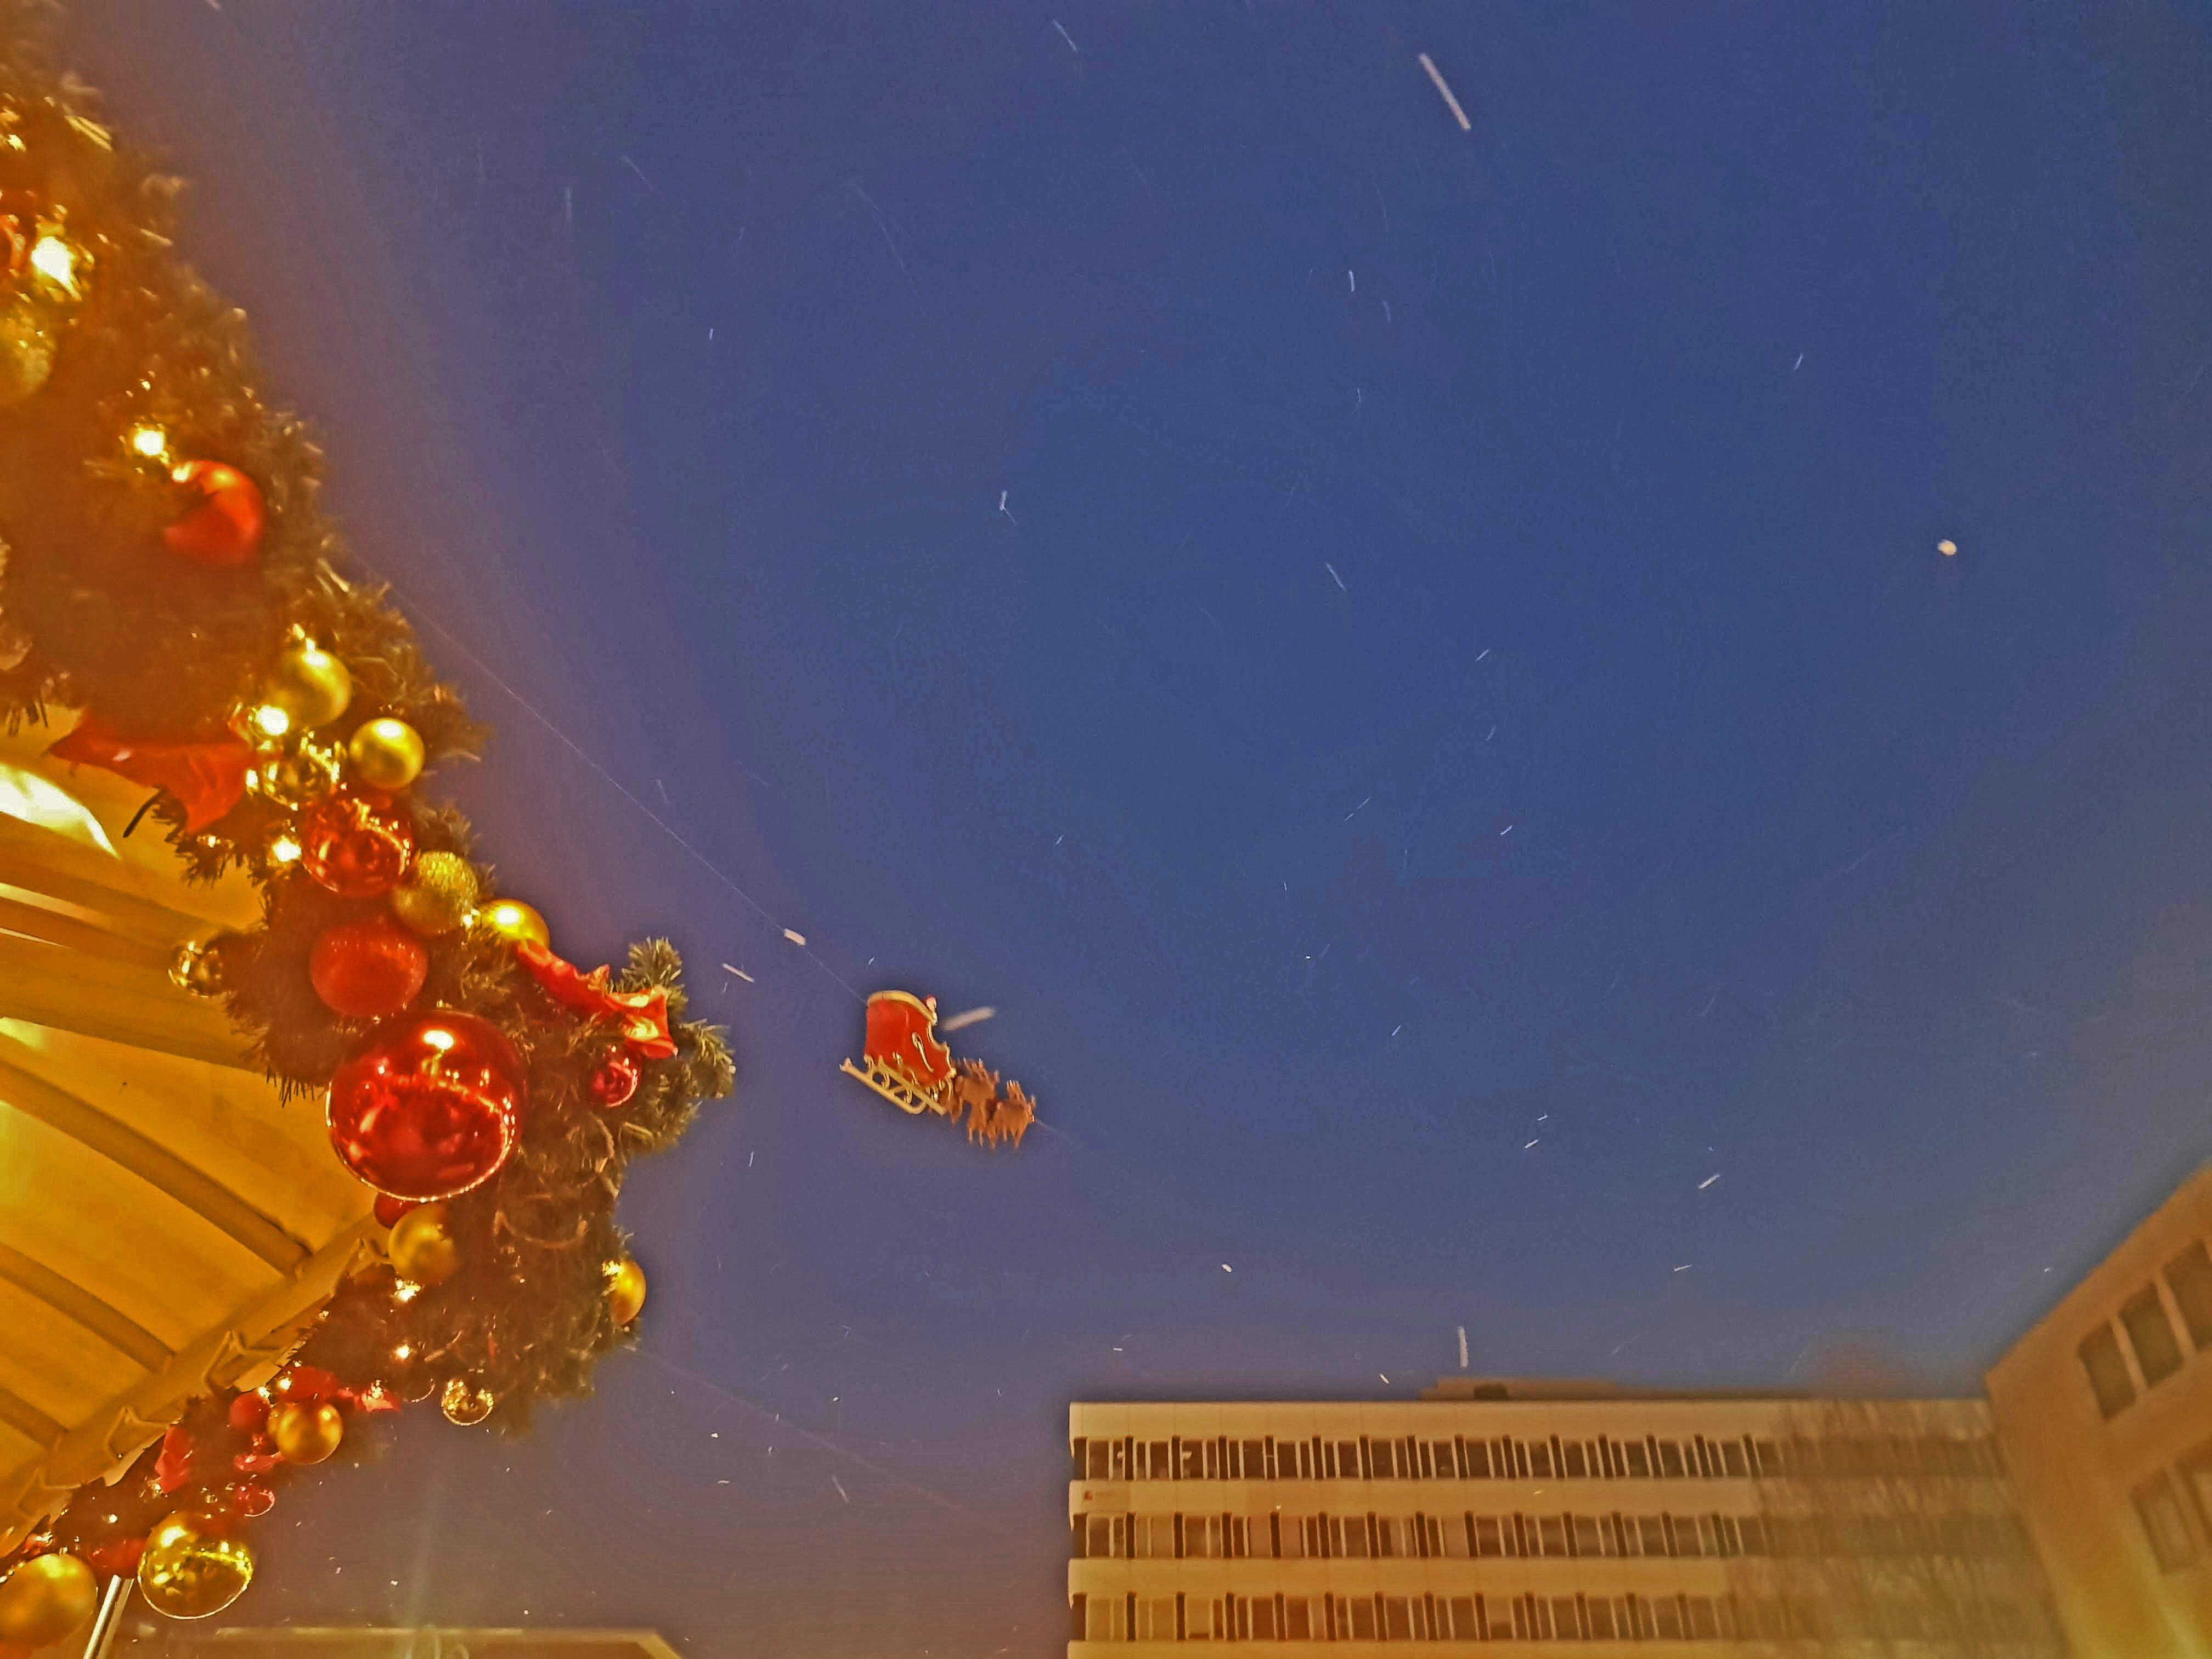 Das Bild zeigt den fliegenden Weihnachtsmann auf der Bochumer Weihnacht